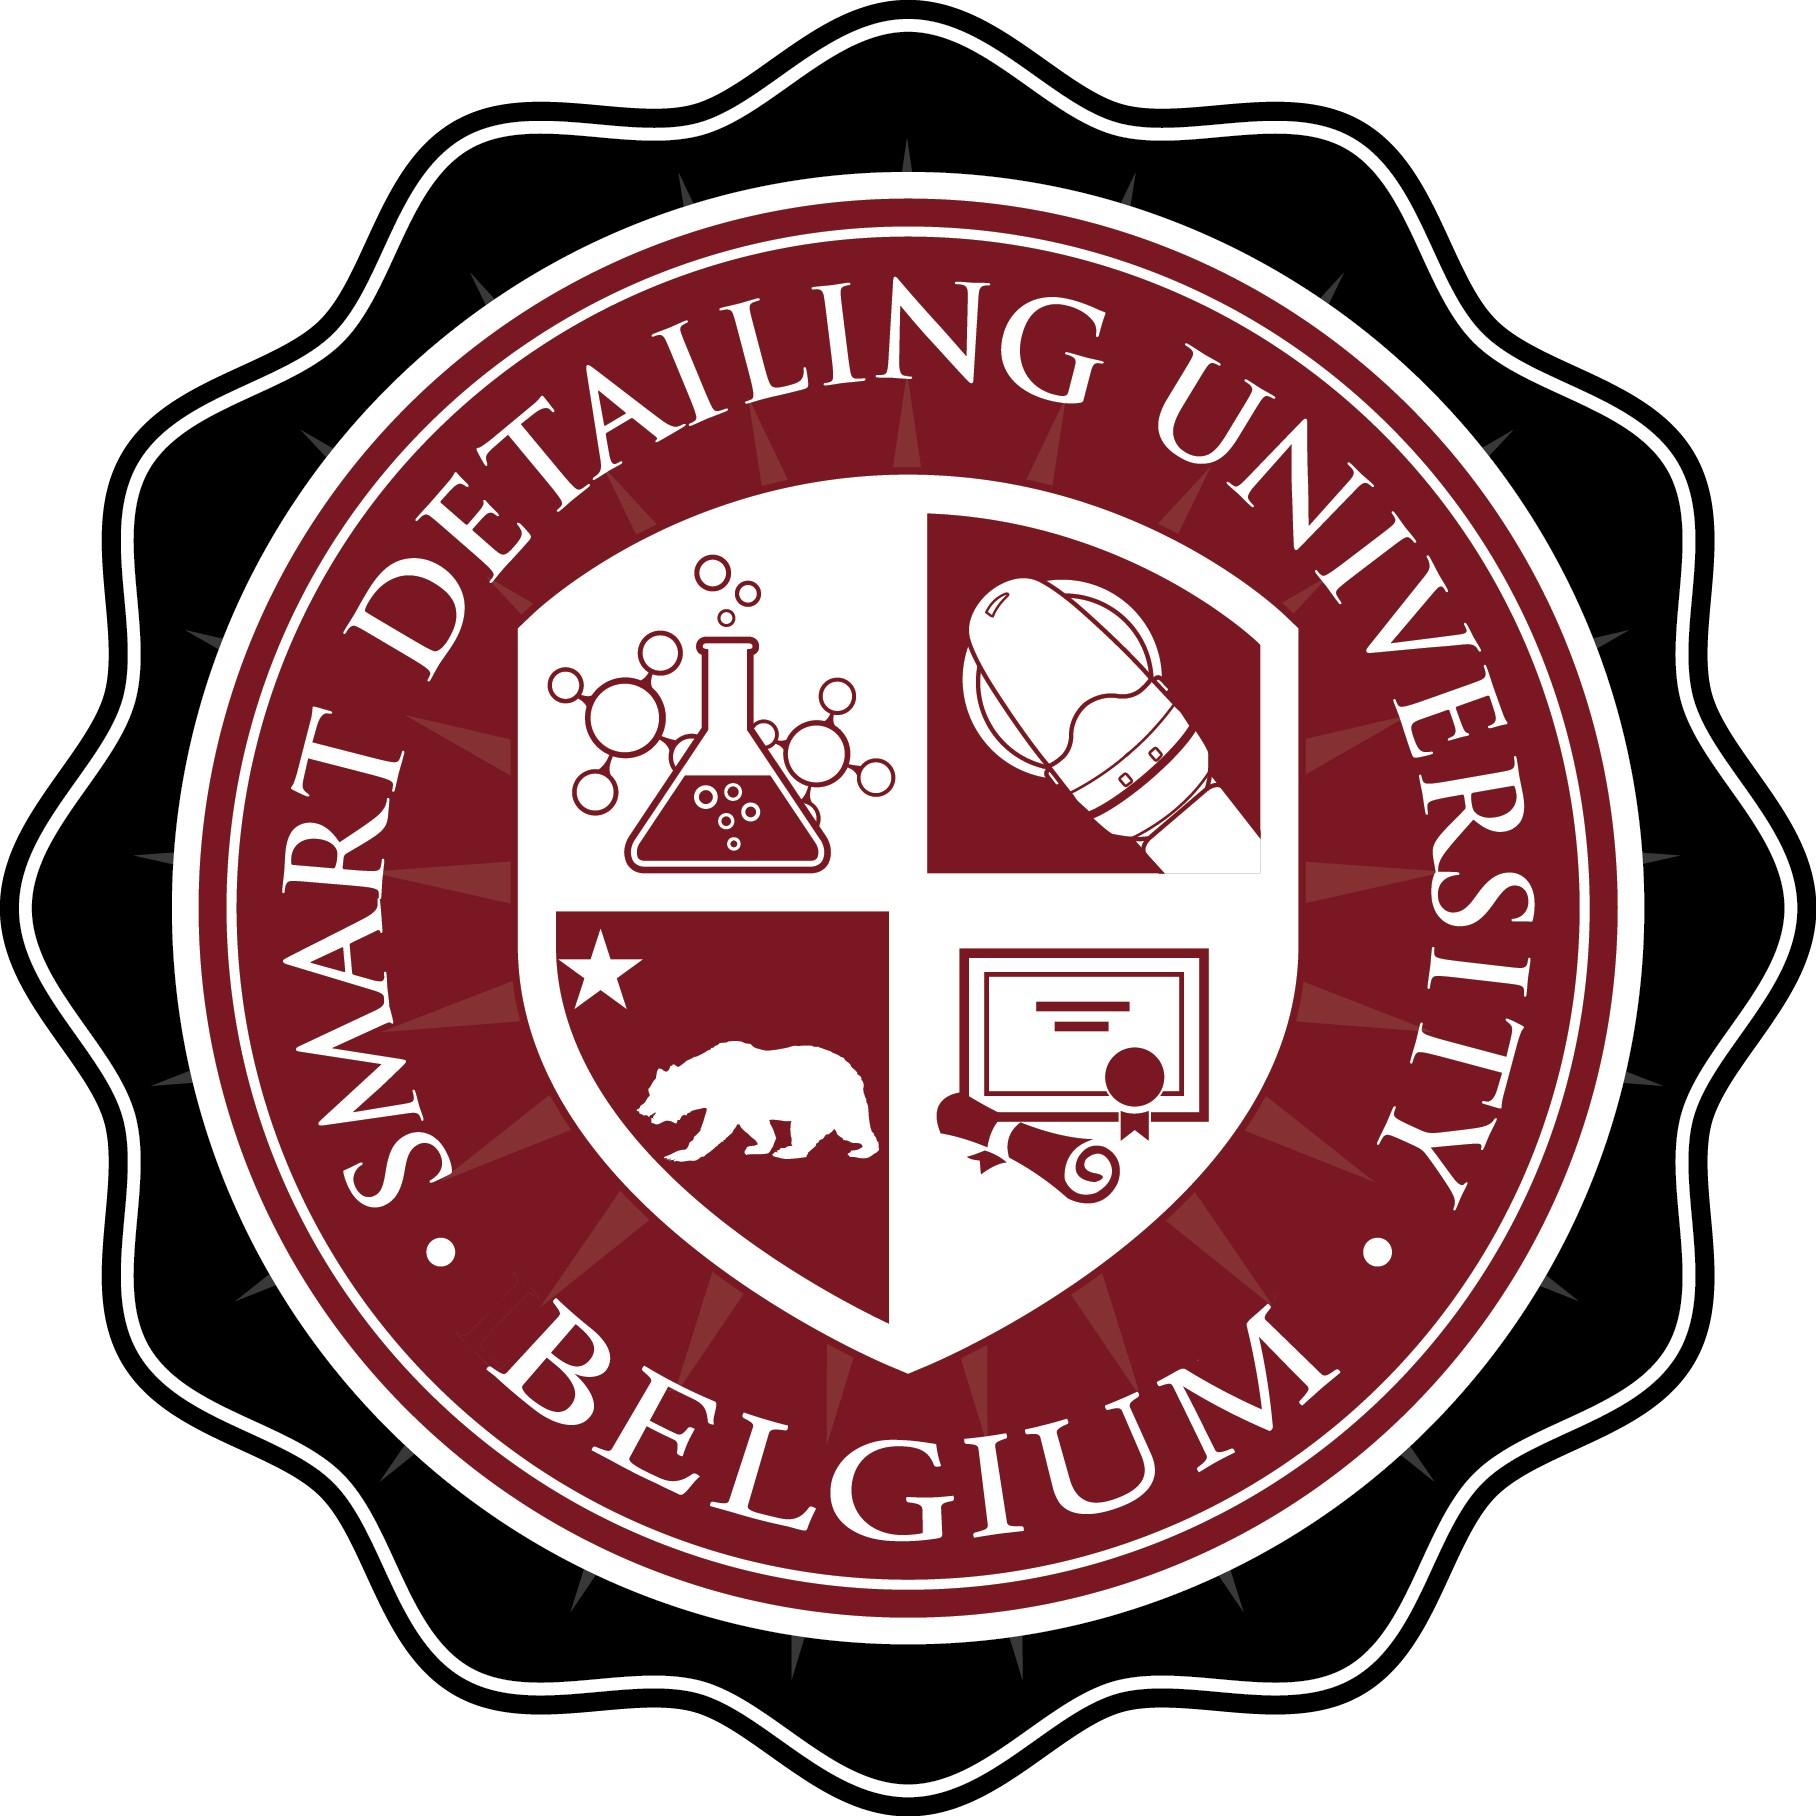 CG BELGIUM SDU - BUFFING & POLISHING - 28/04/2018